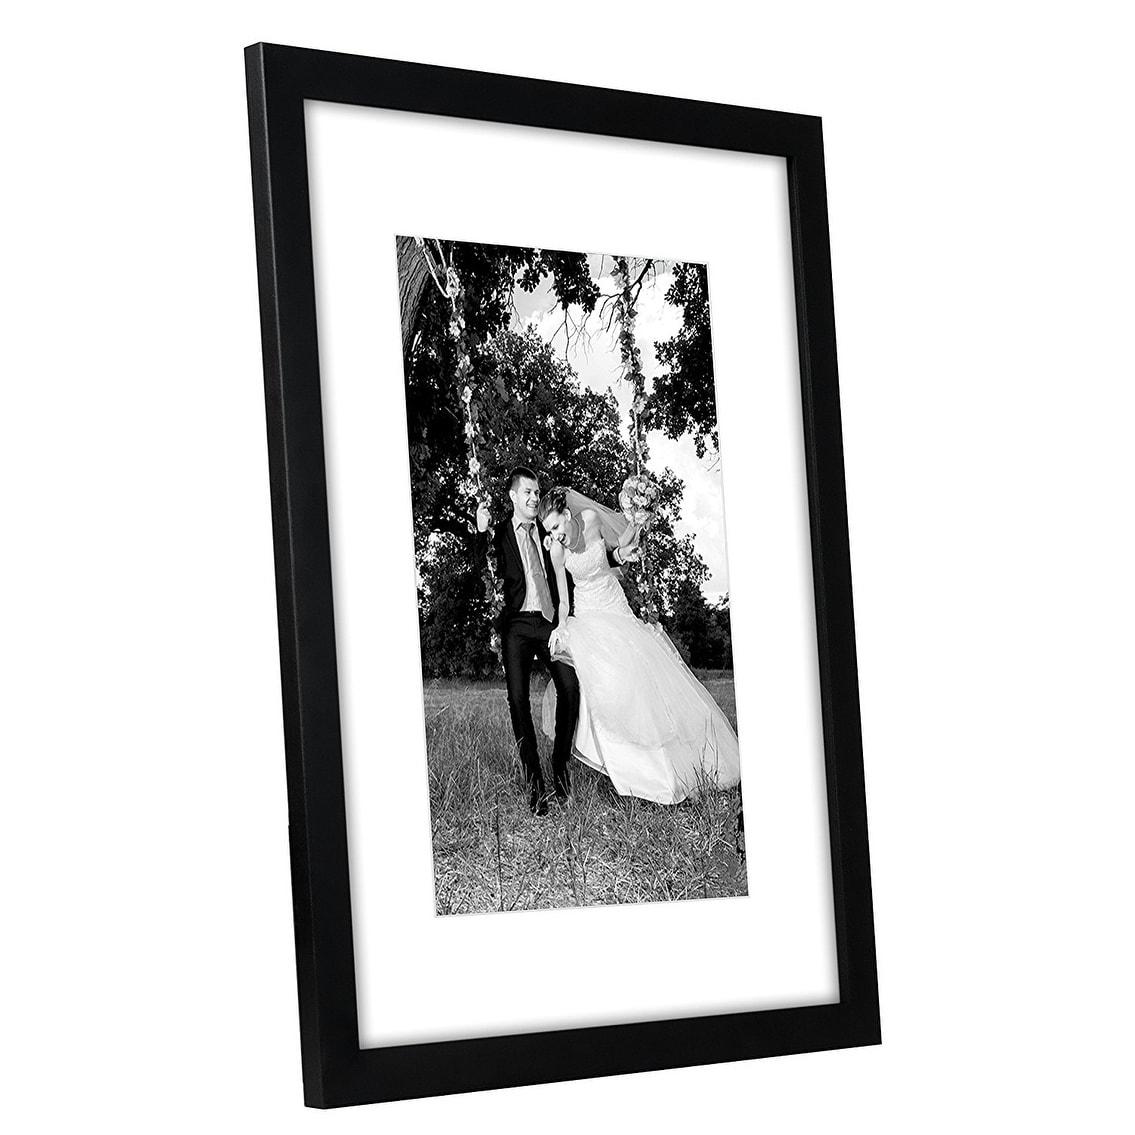 Ausgezeichnet 8x12 Picture Frames Fotos - Familienfoto Kunst Ideen ...